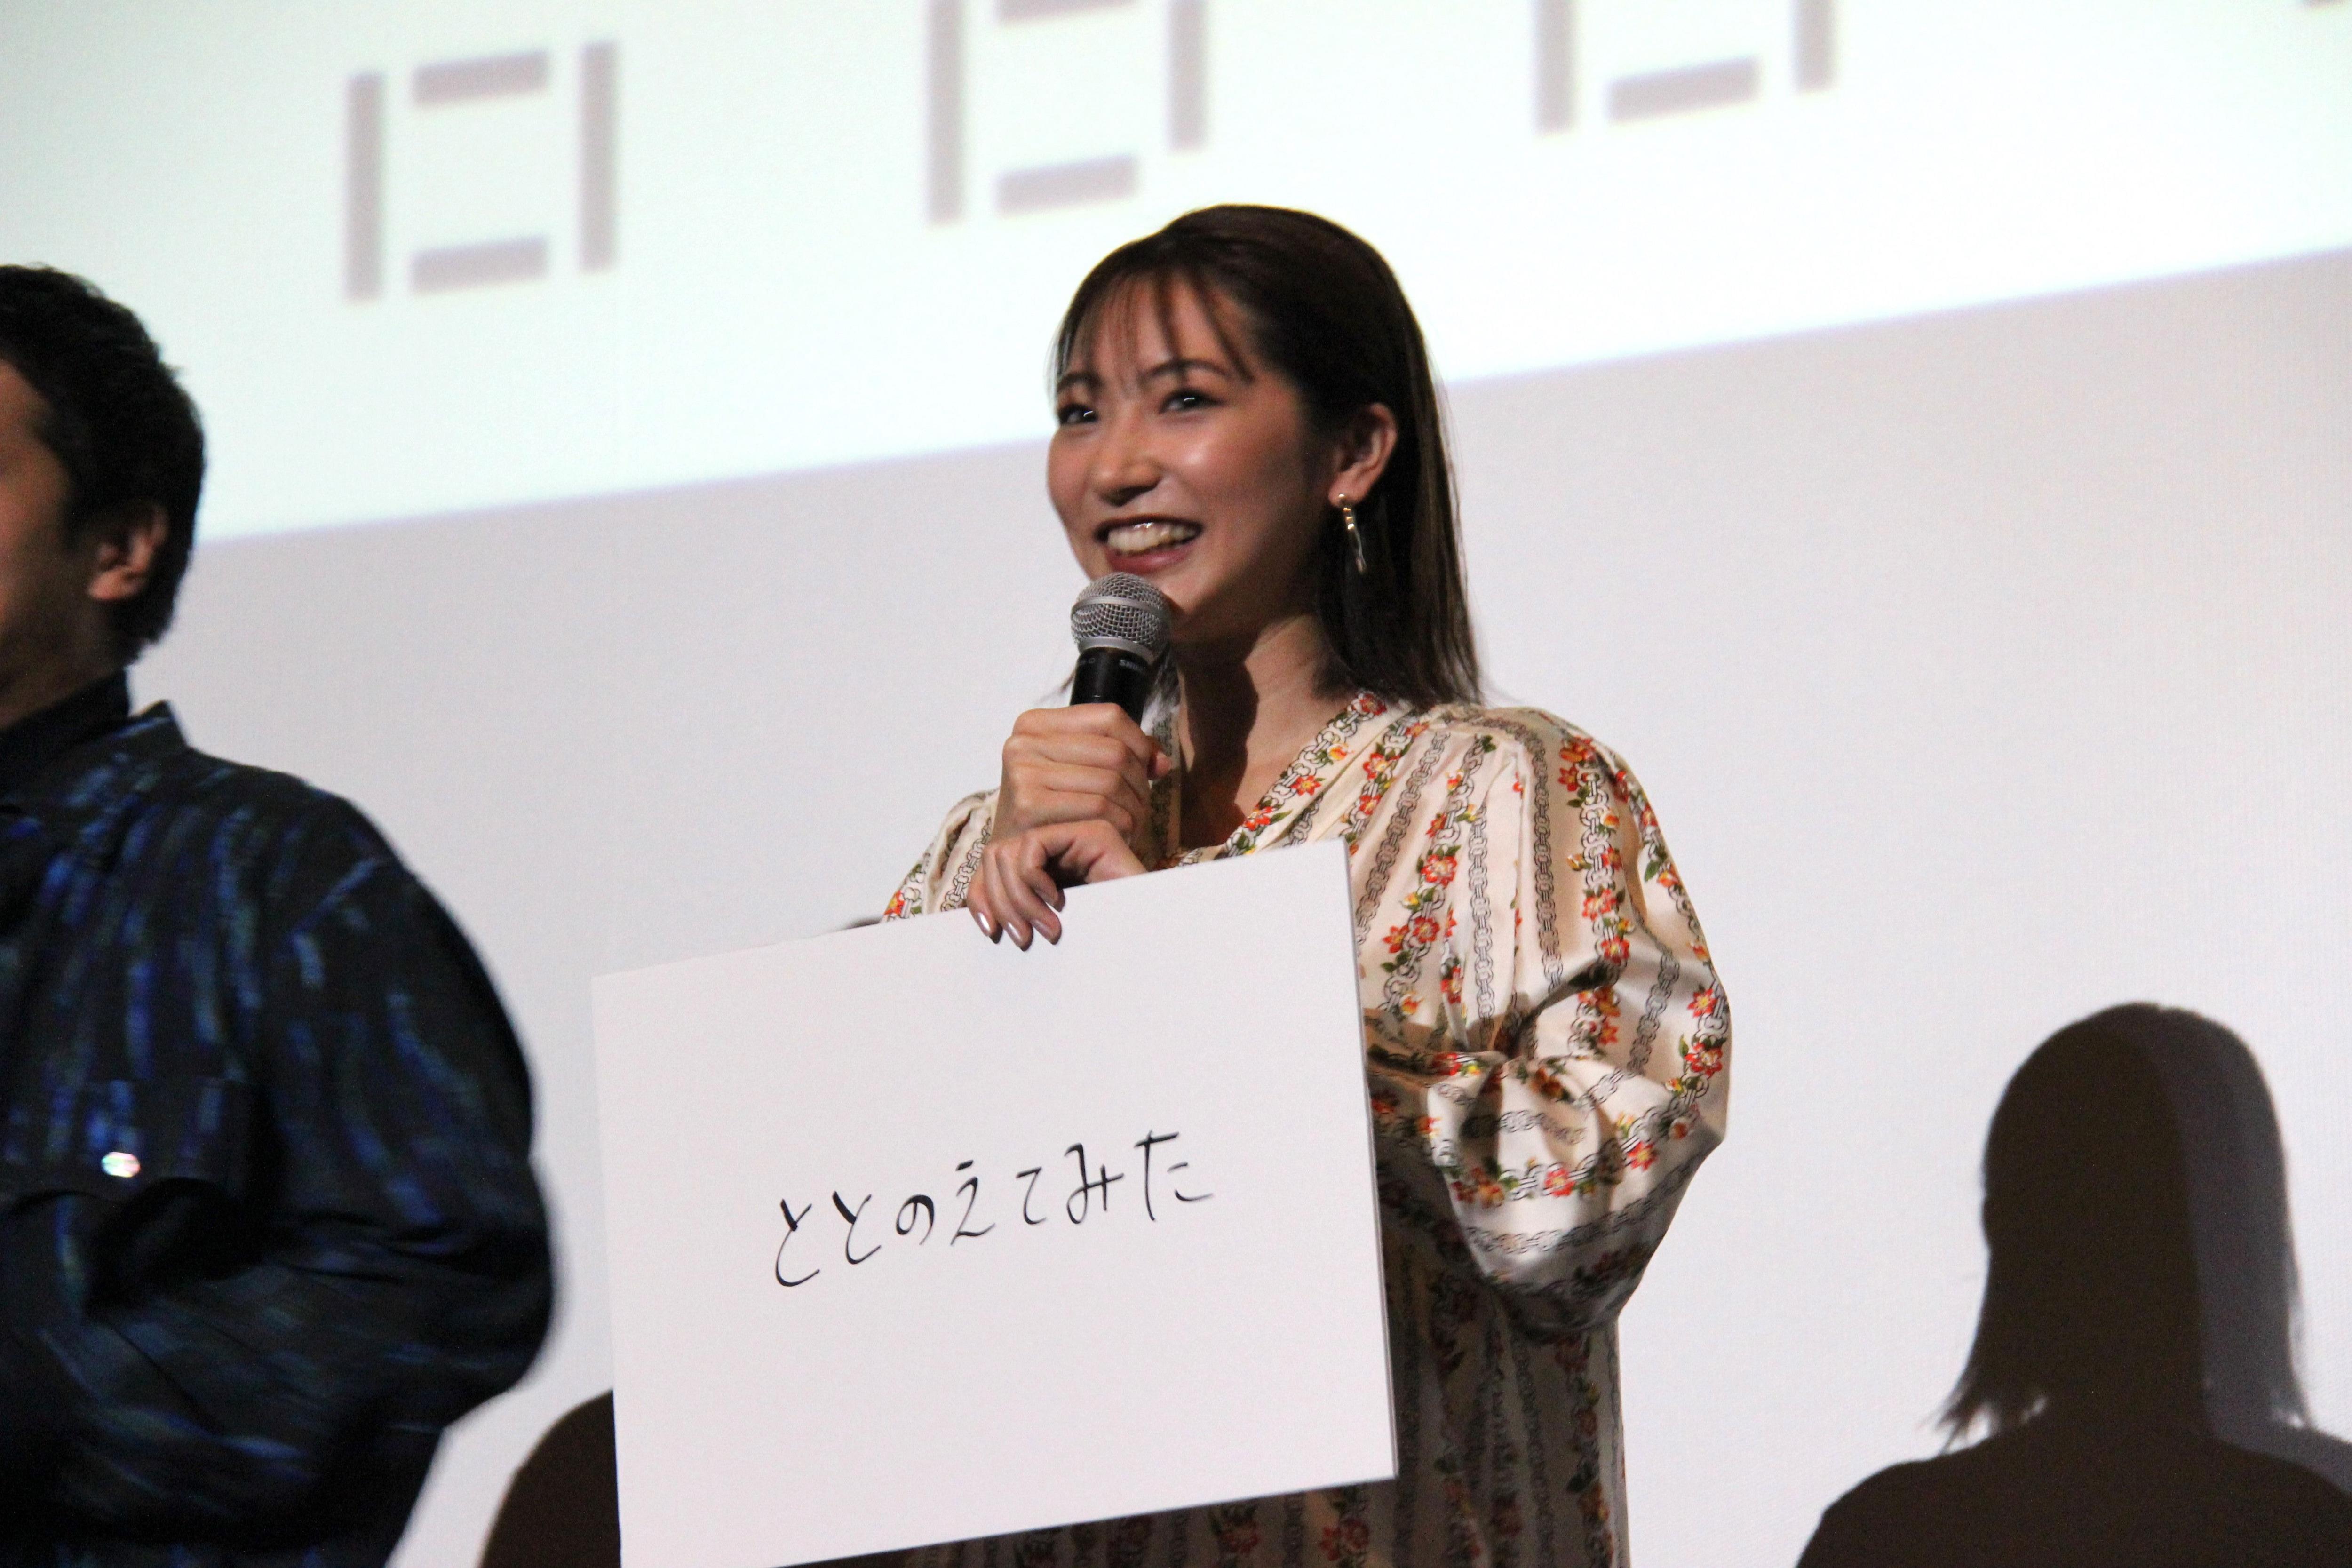 岡山天音「1人飲みして笑ってる」映画『踊ってミタ』舞台挨拶に出演の画像006